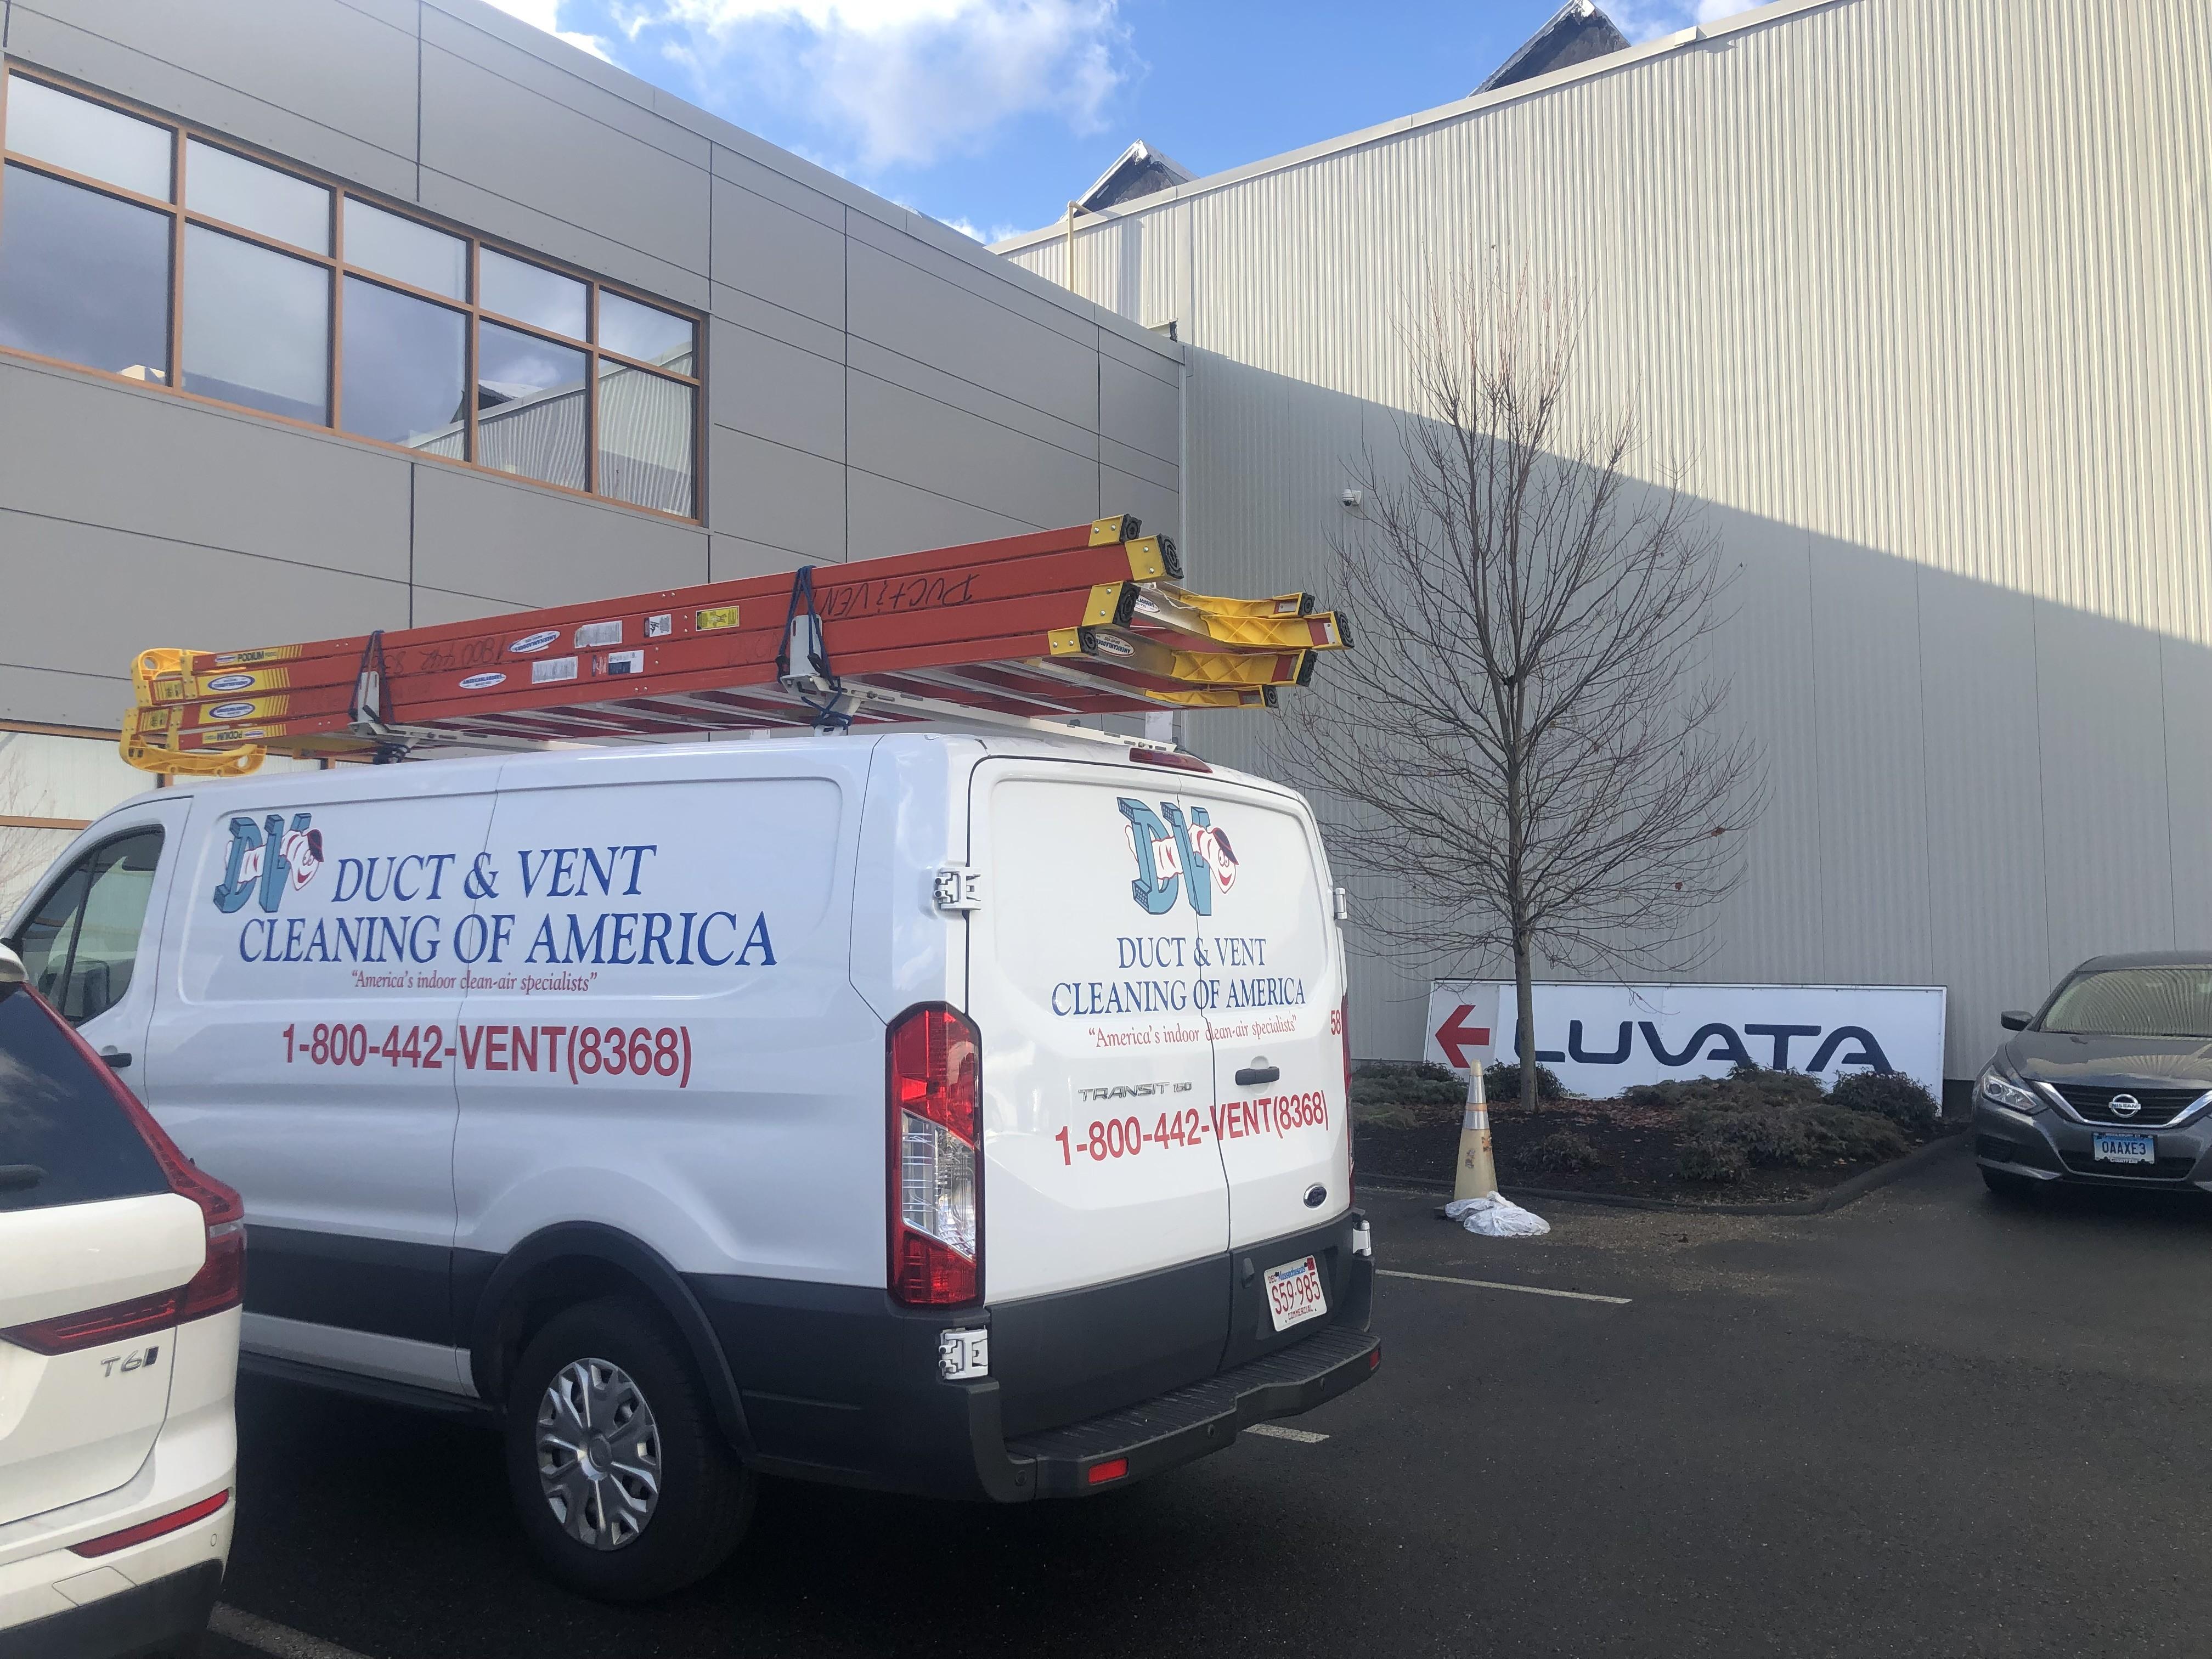 Luvata, Inc. Luvata-Inc.jpg